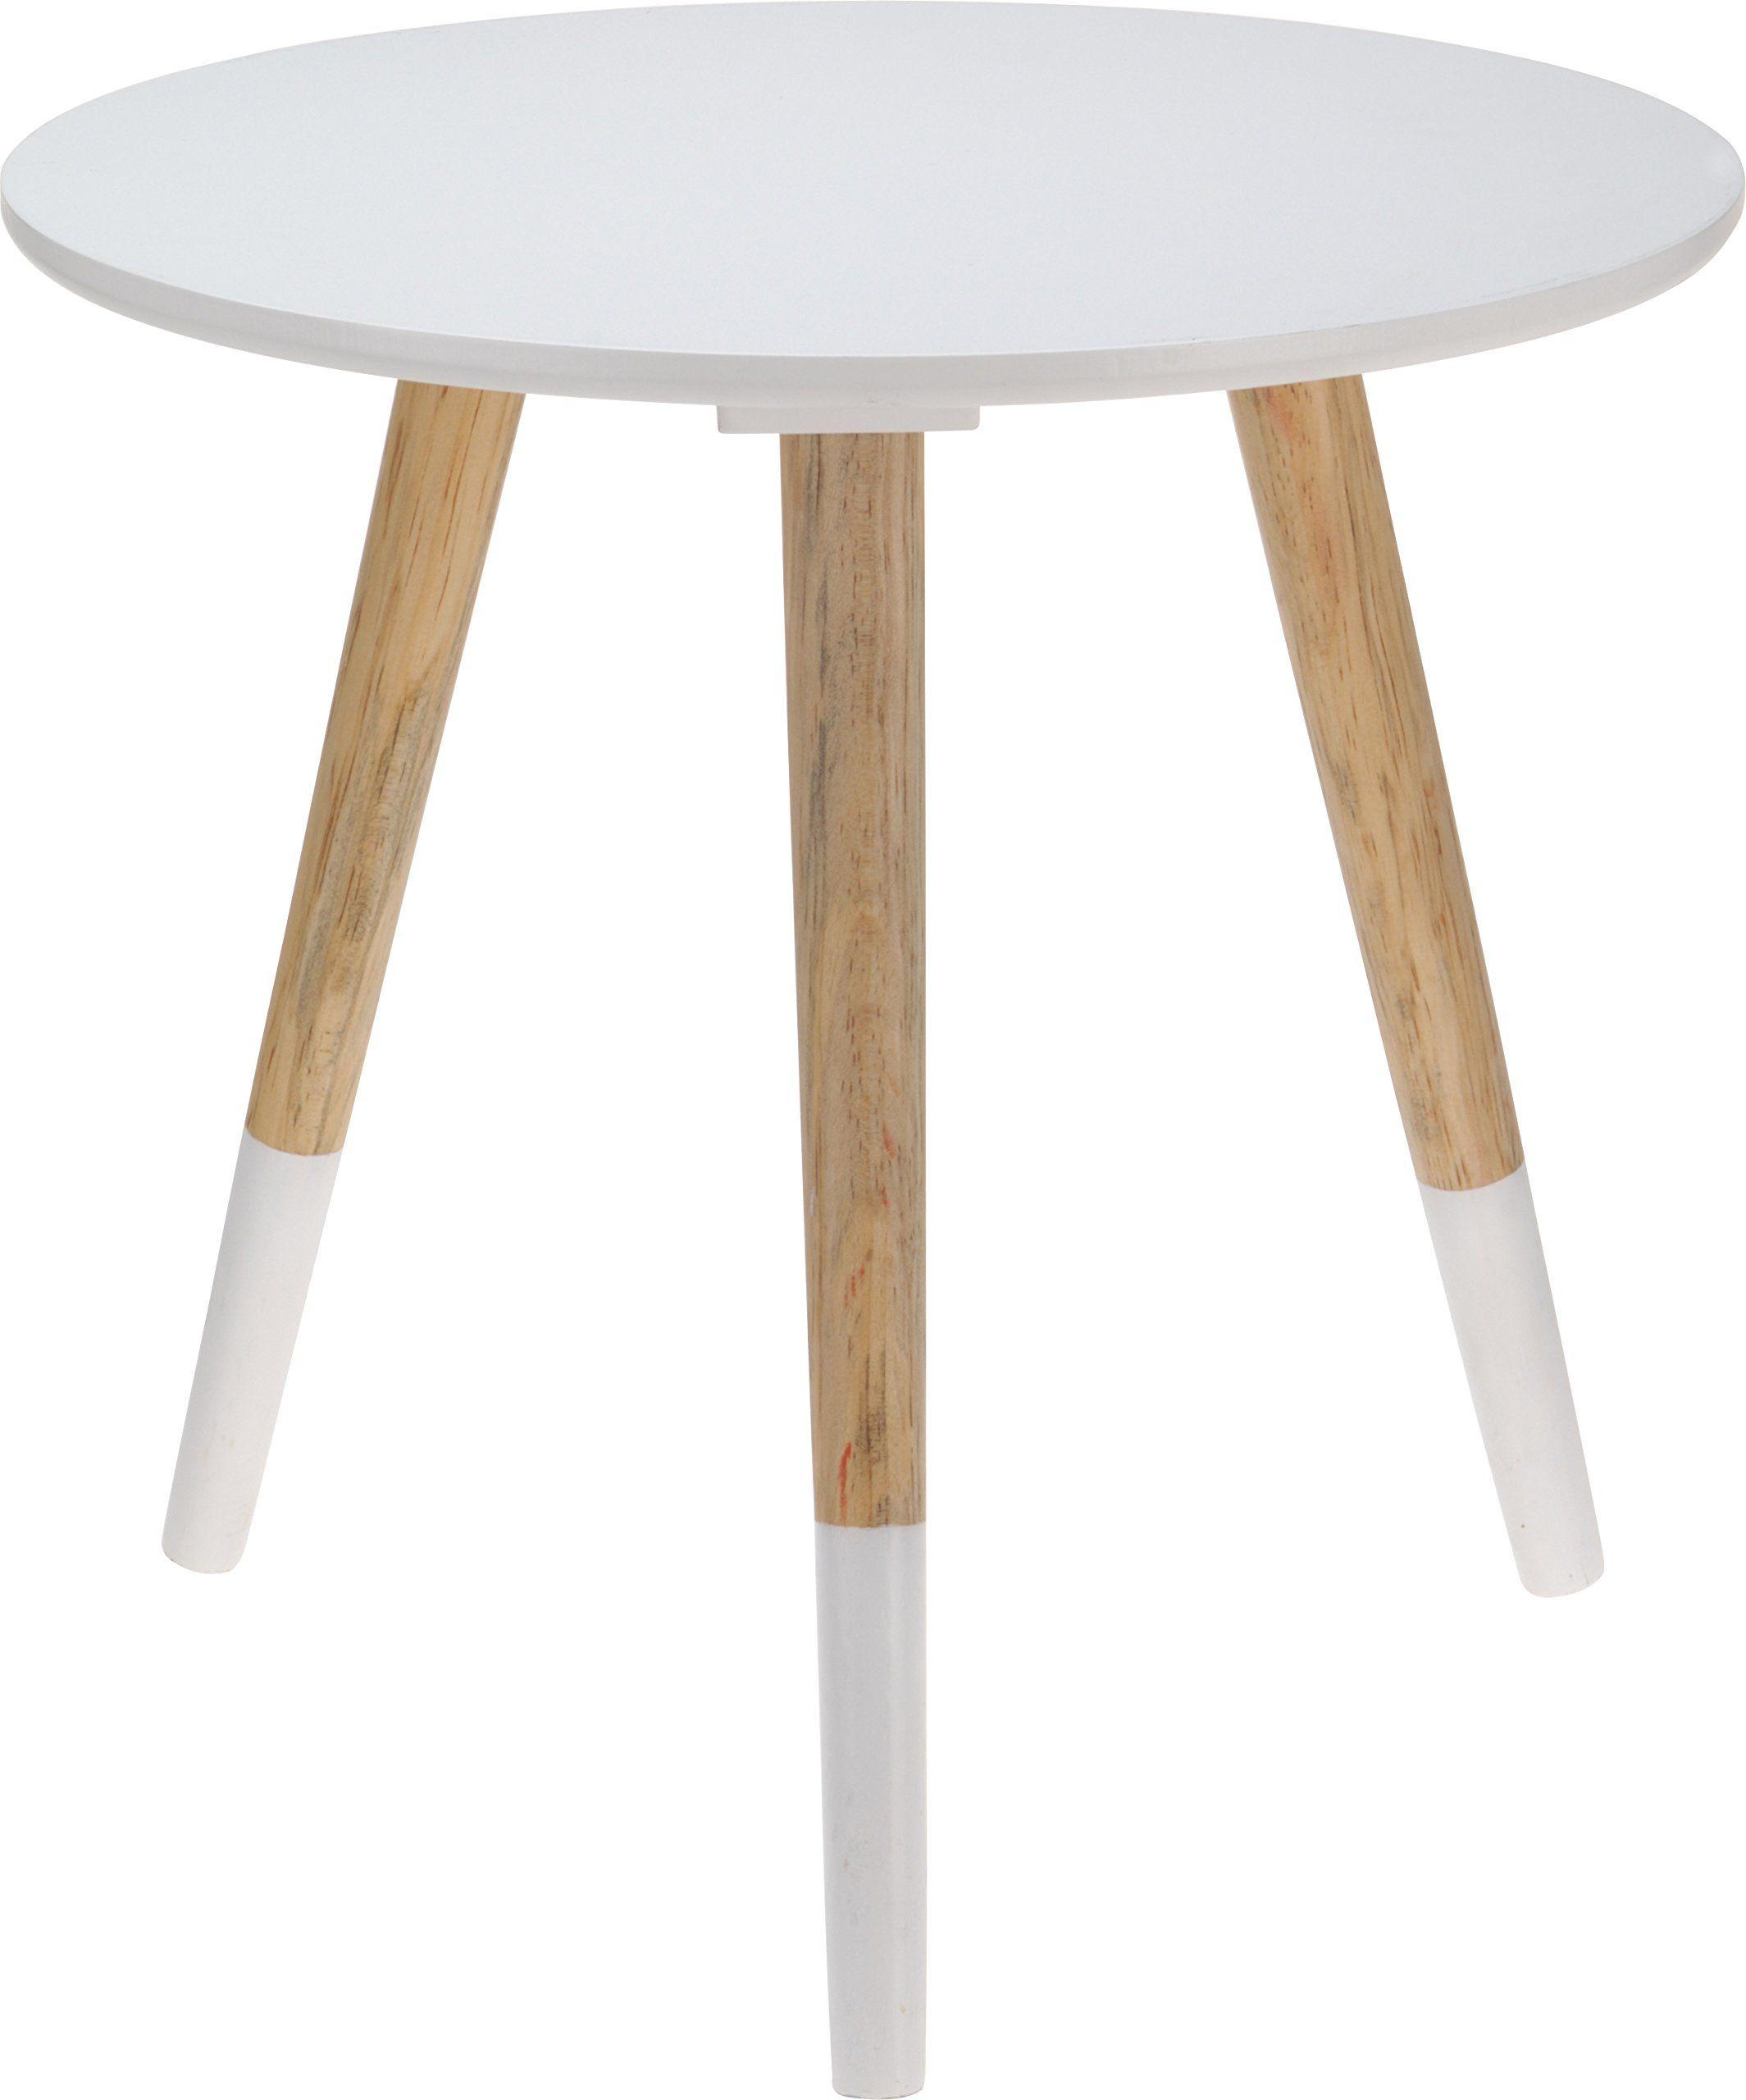 Beistelltisch Design Holz Couchtisch Telefontisch Sofatisch Tisch Dreibeiner Weiss 40 X 39 Cm Amazon De Kuche Ha Sofa Tisch Design Beistelltisch Couchtisch